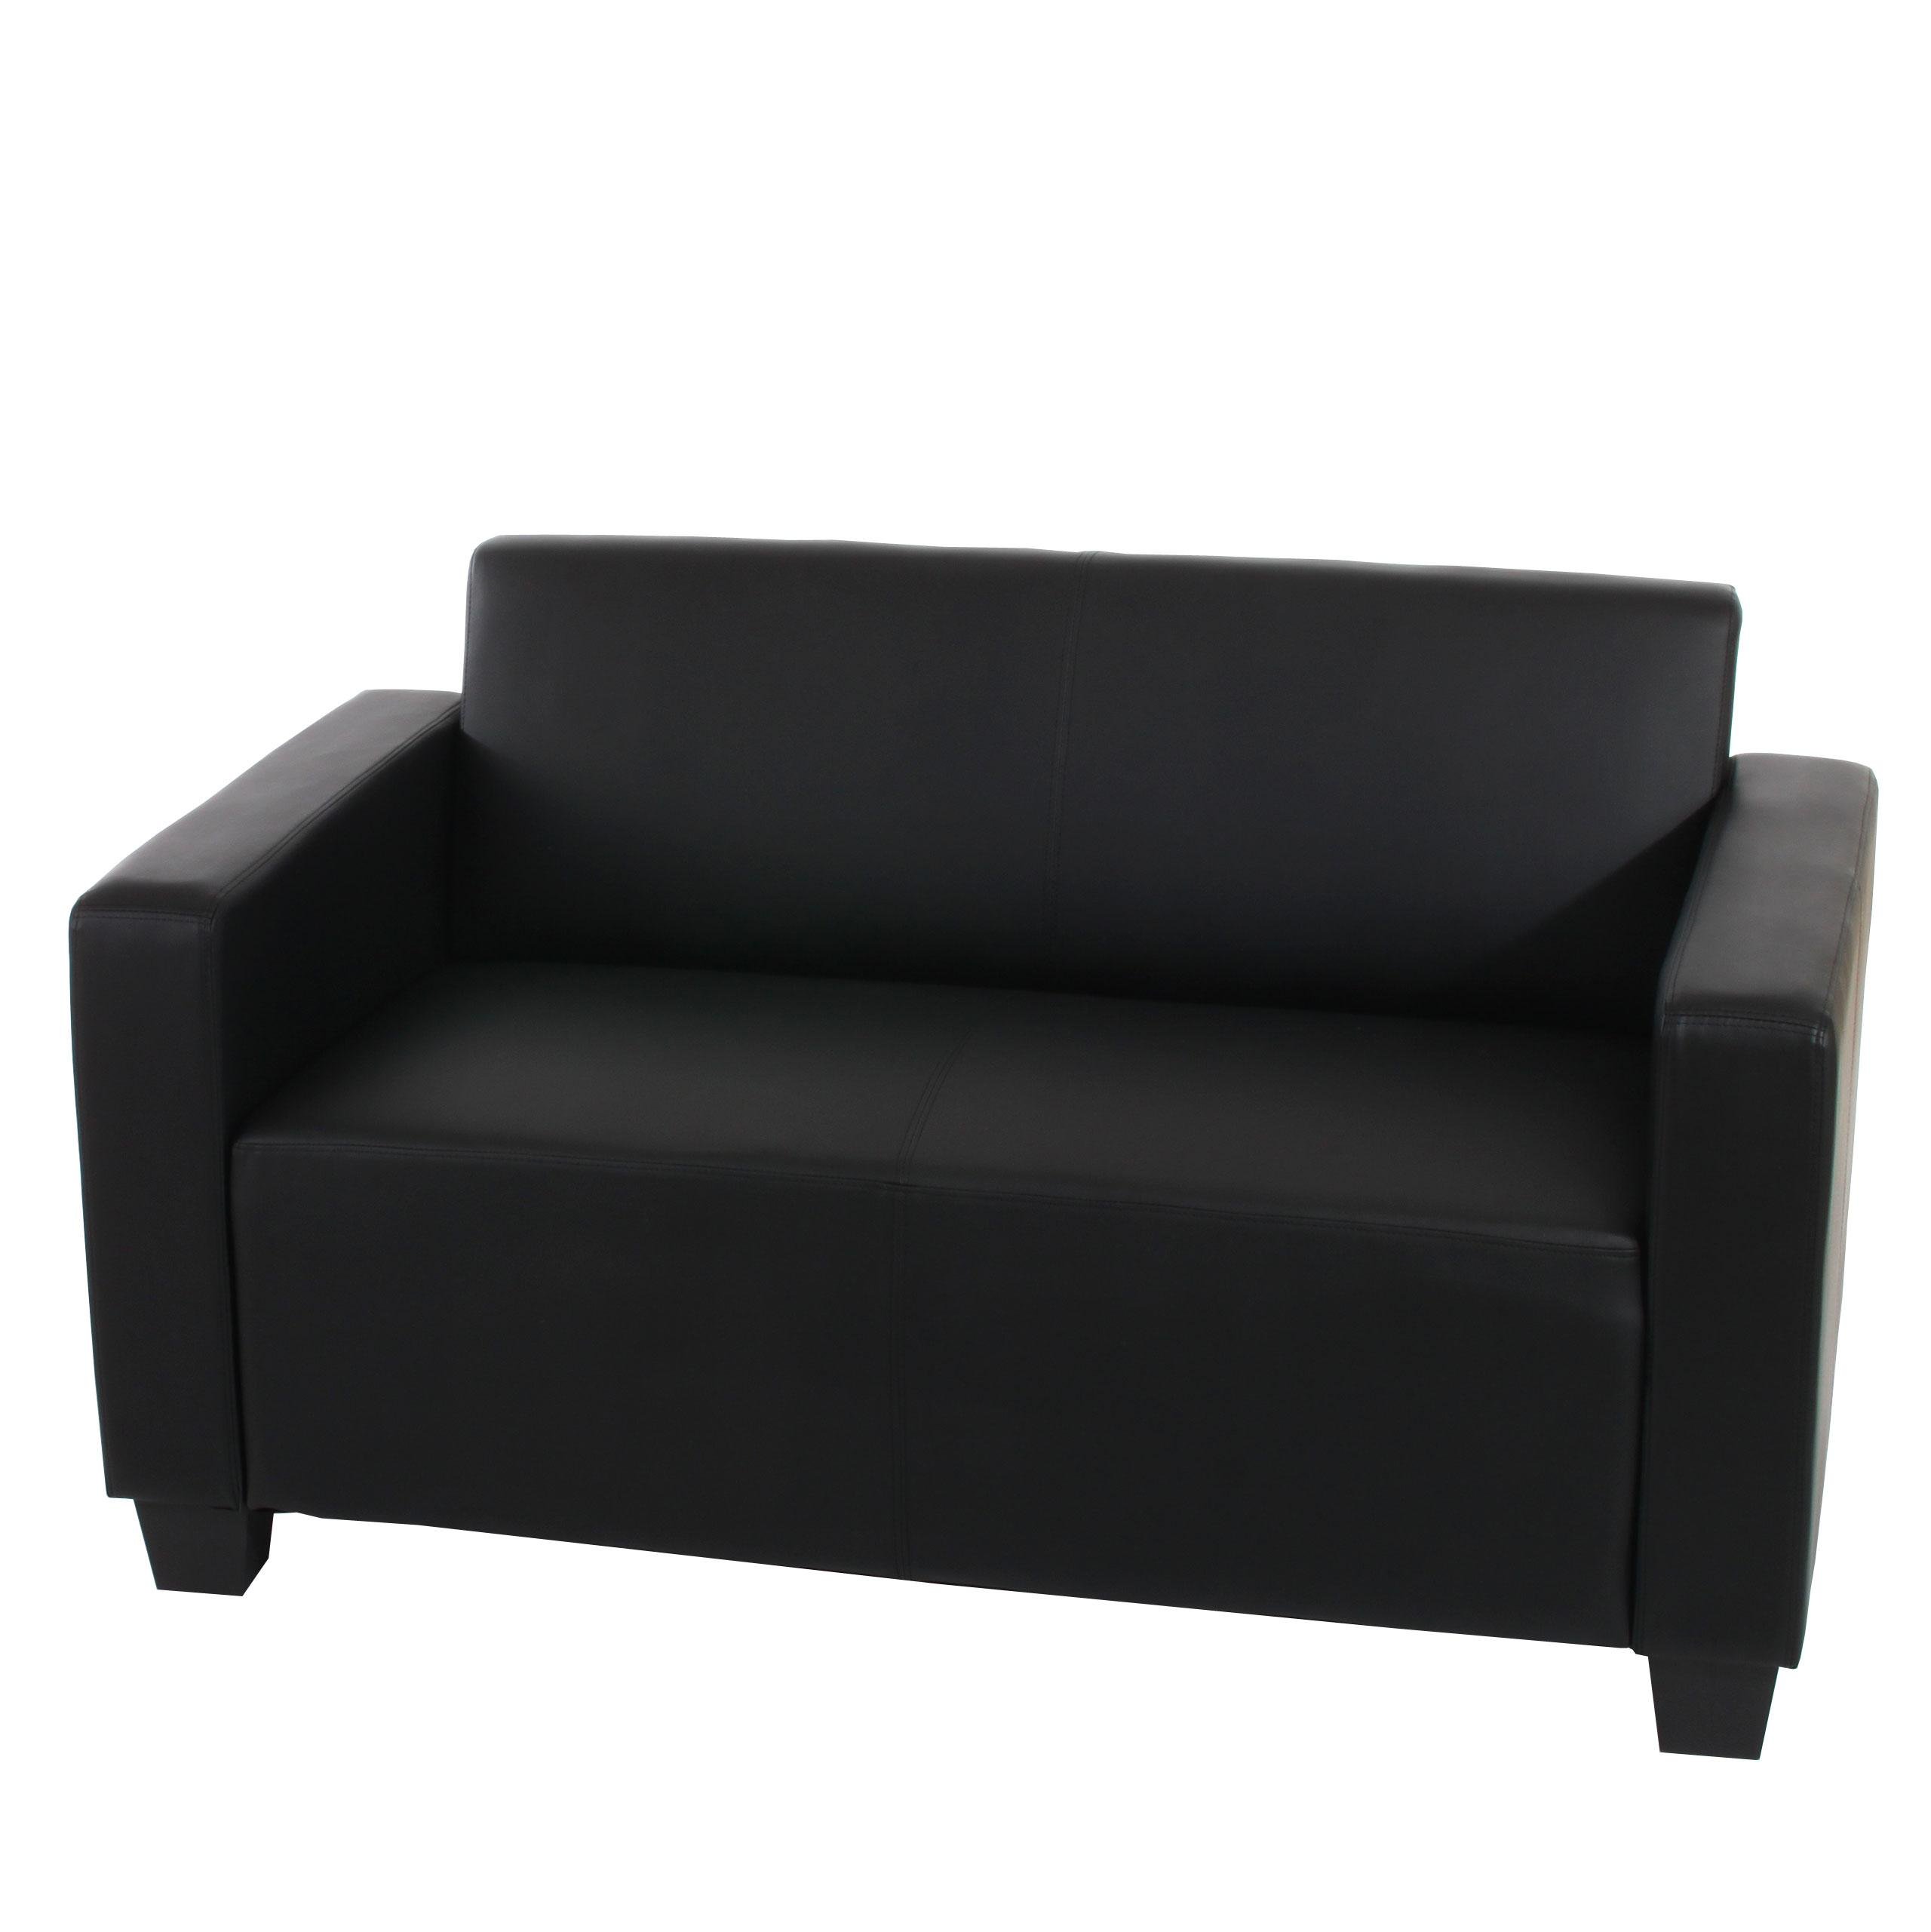 Sof 2 plazas roddy dise o de l neas modernas y muy for Sofa gran confort precios